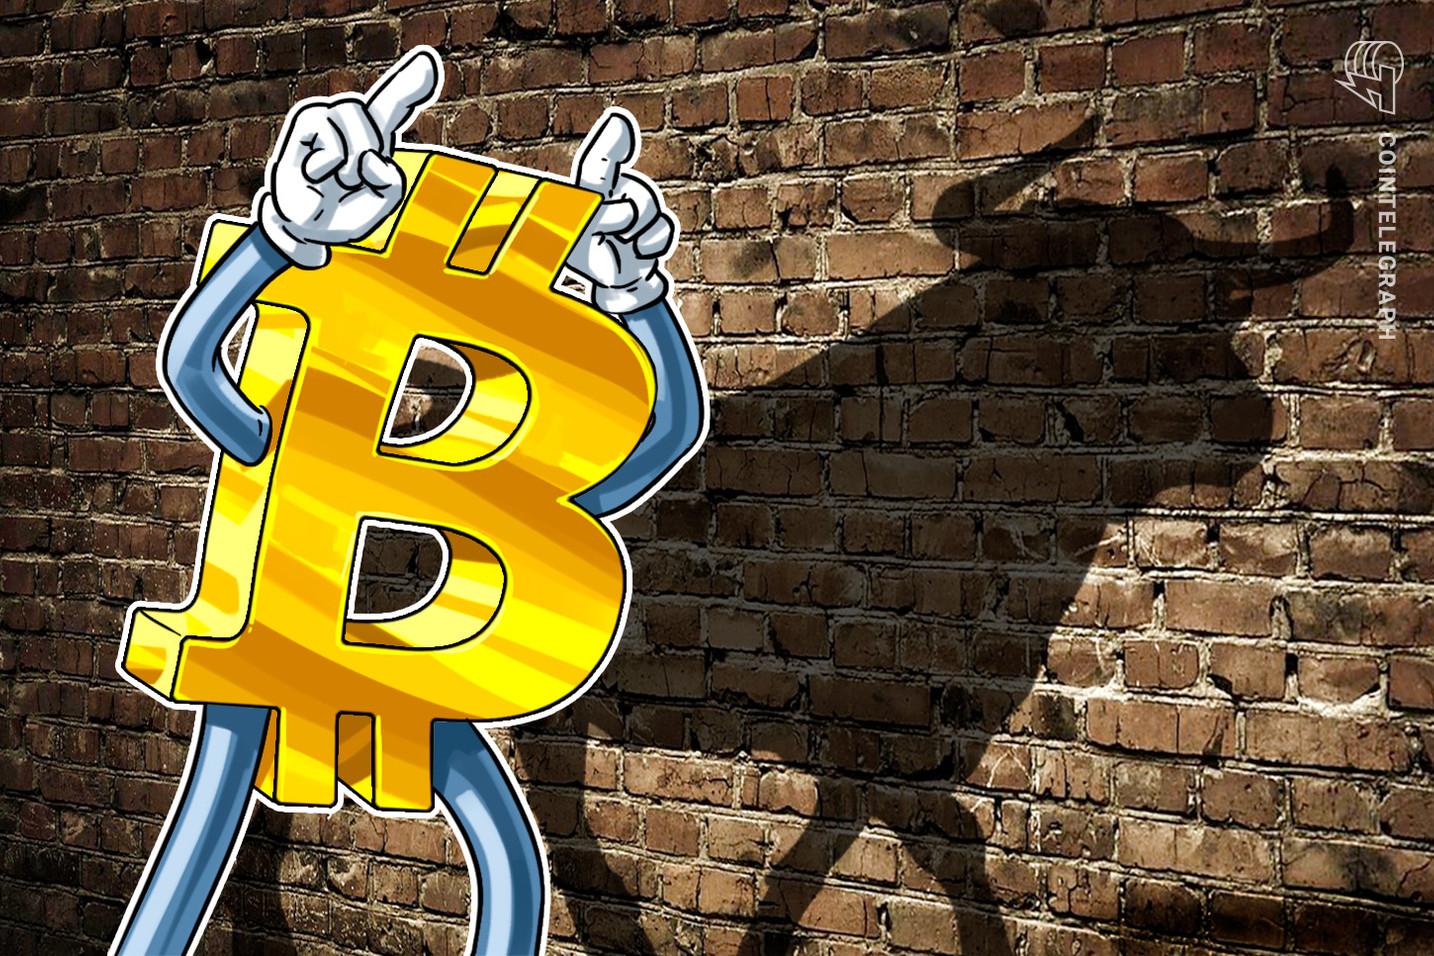 Importante métrica de momentum sugere uma divergência de alta enquanto o preço do Bitcoin segura os US$ 33 mil